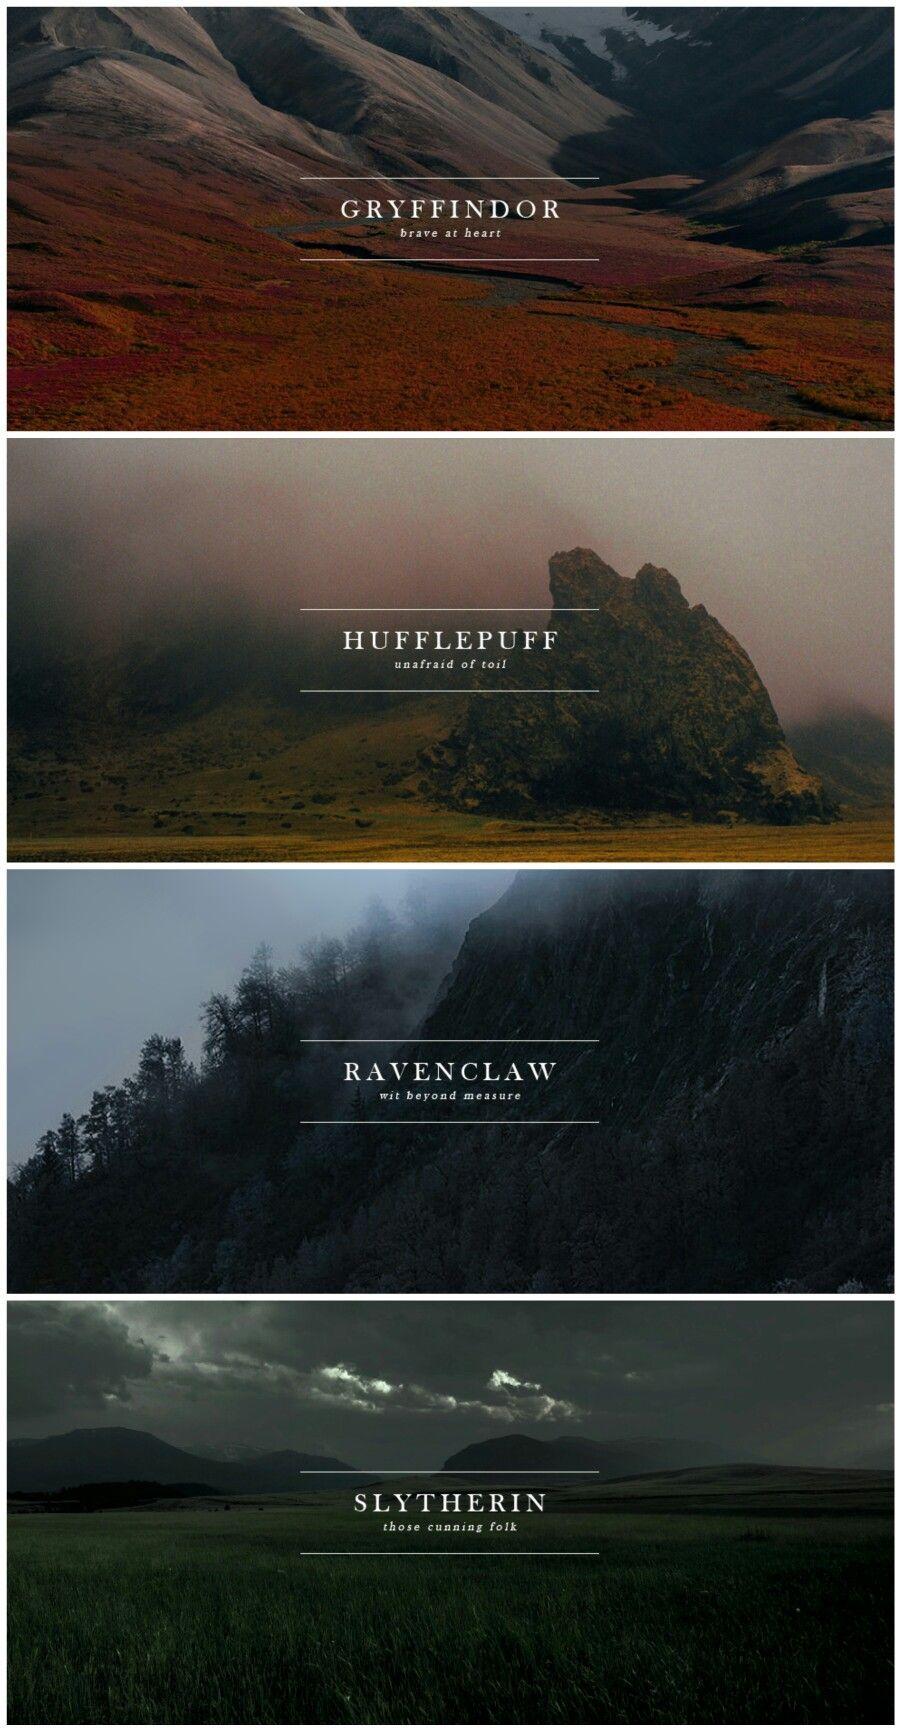 Hogwarts Houses - Aesthetic Harry Potter Spells - HD Wallpaper